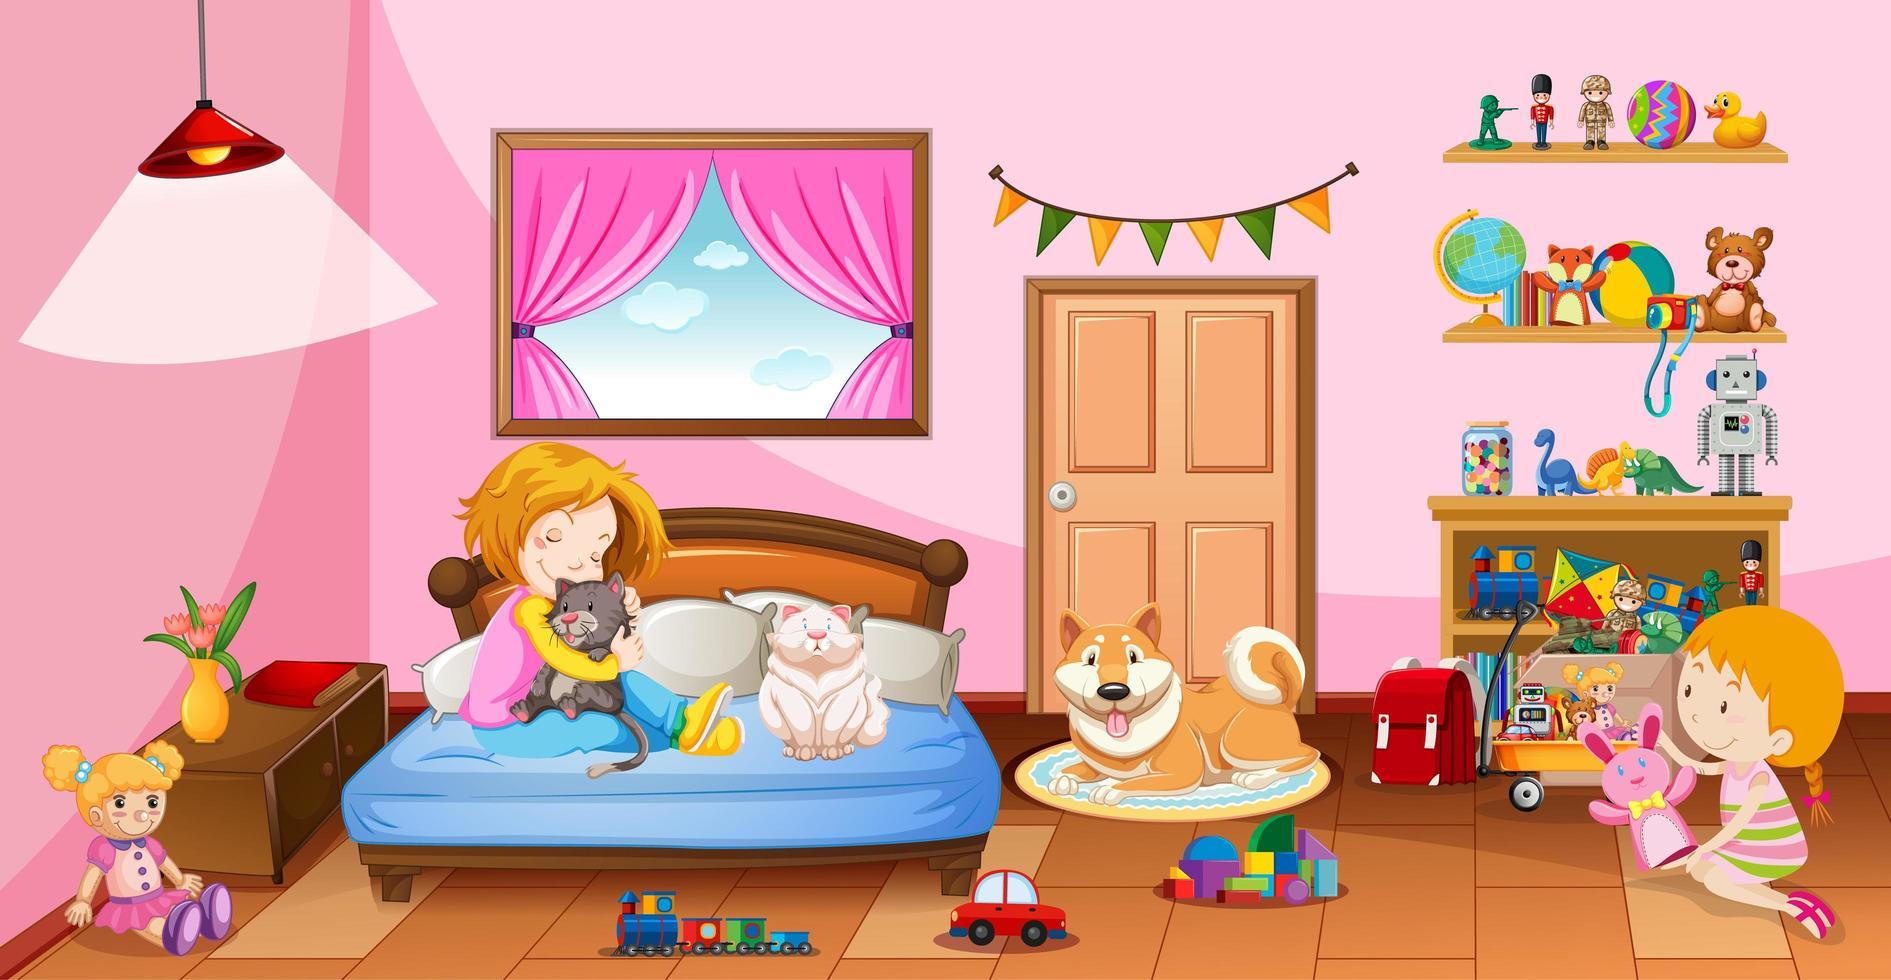 meninas brincando com seus brinquedos no quarto rosa vetor